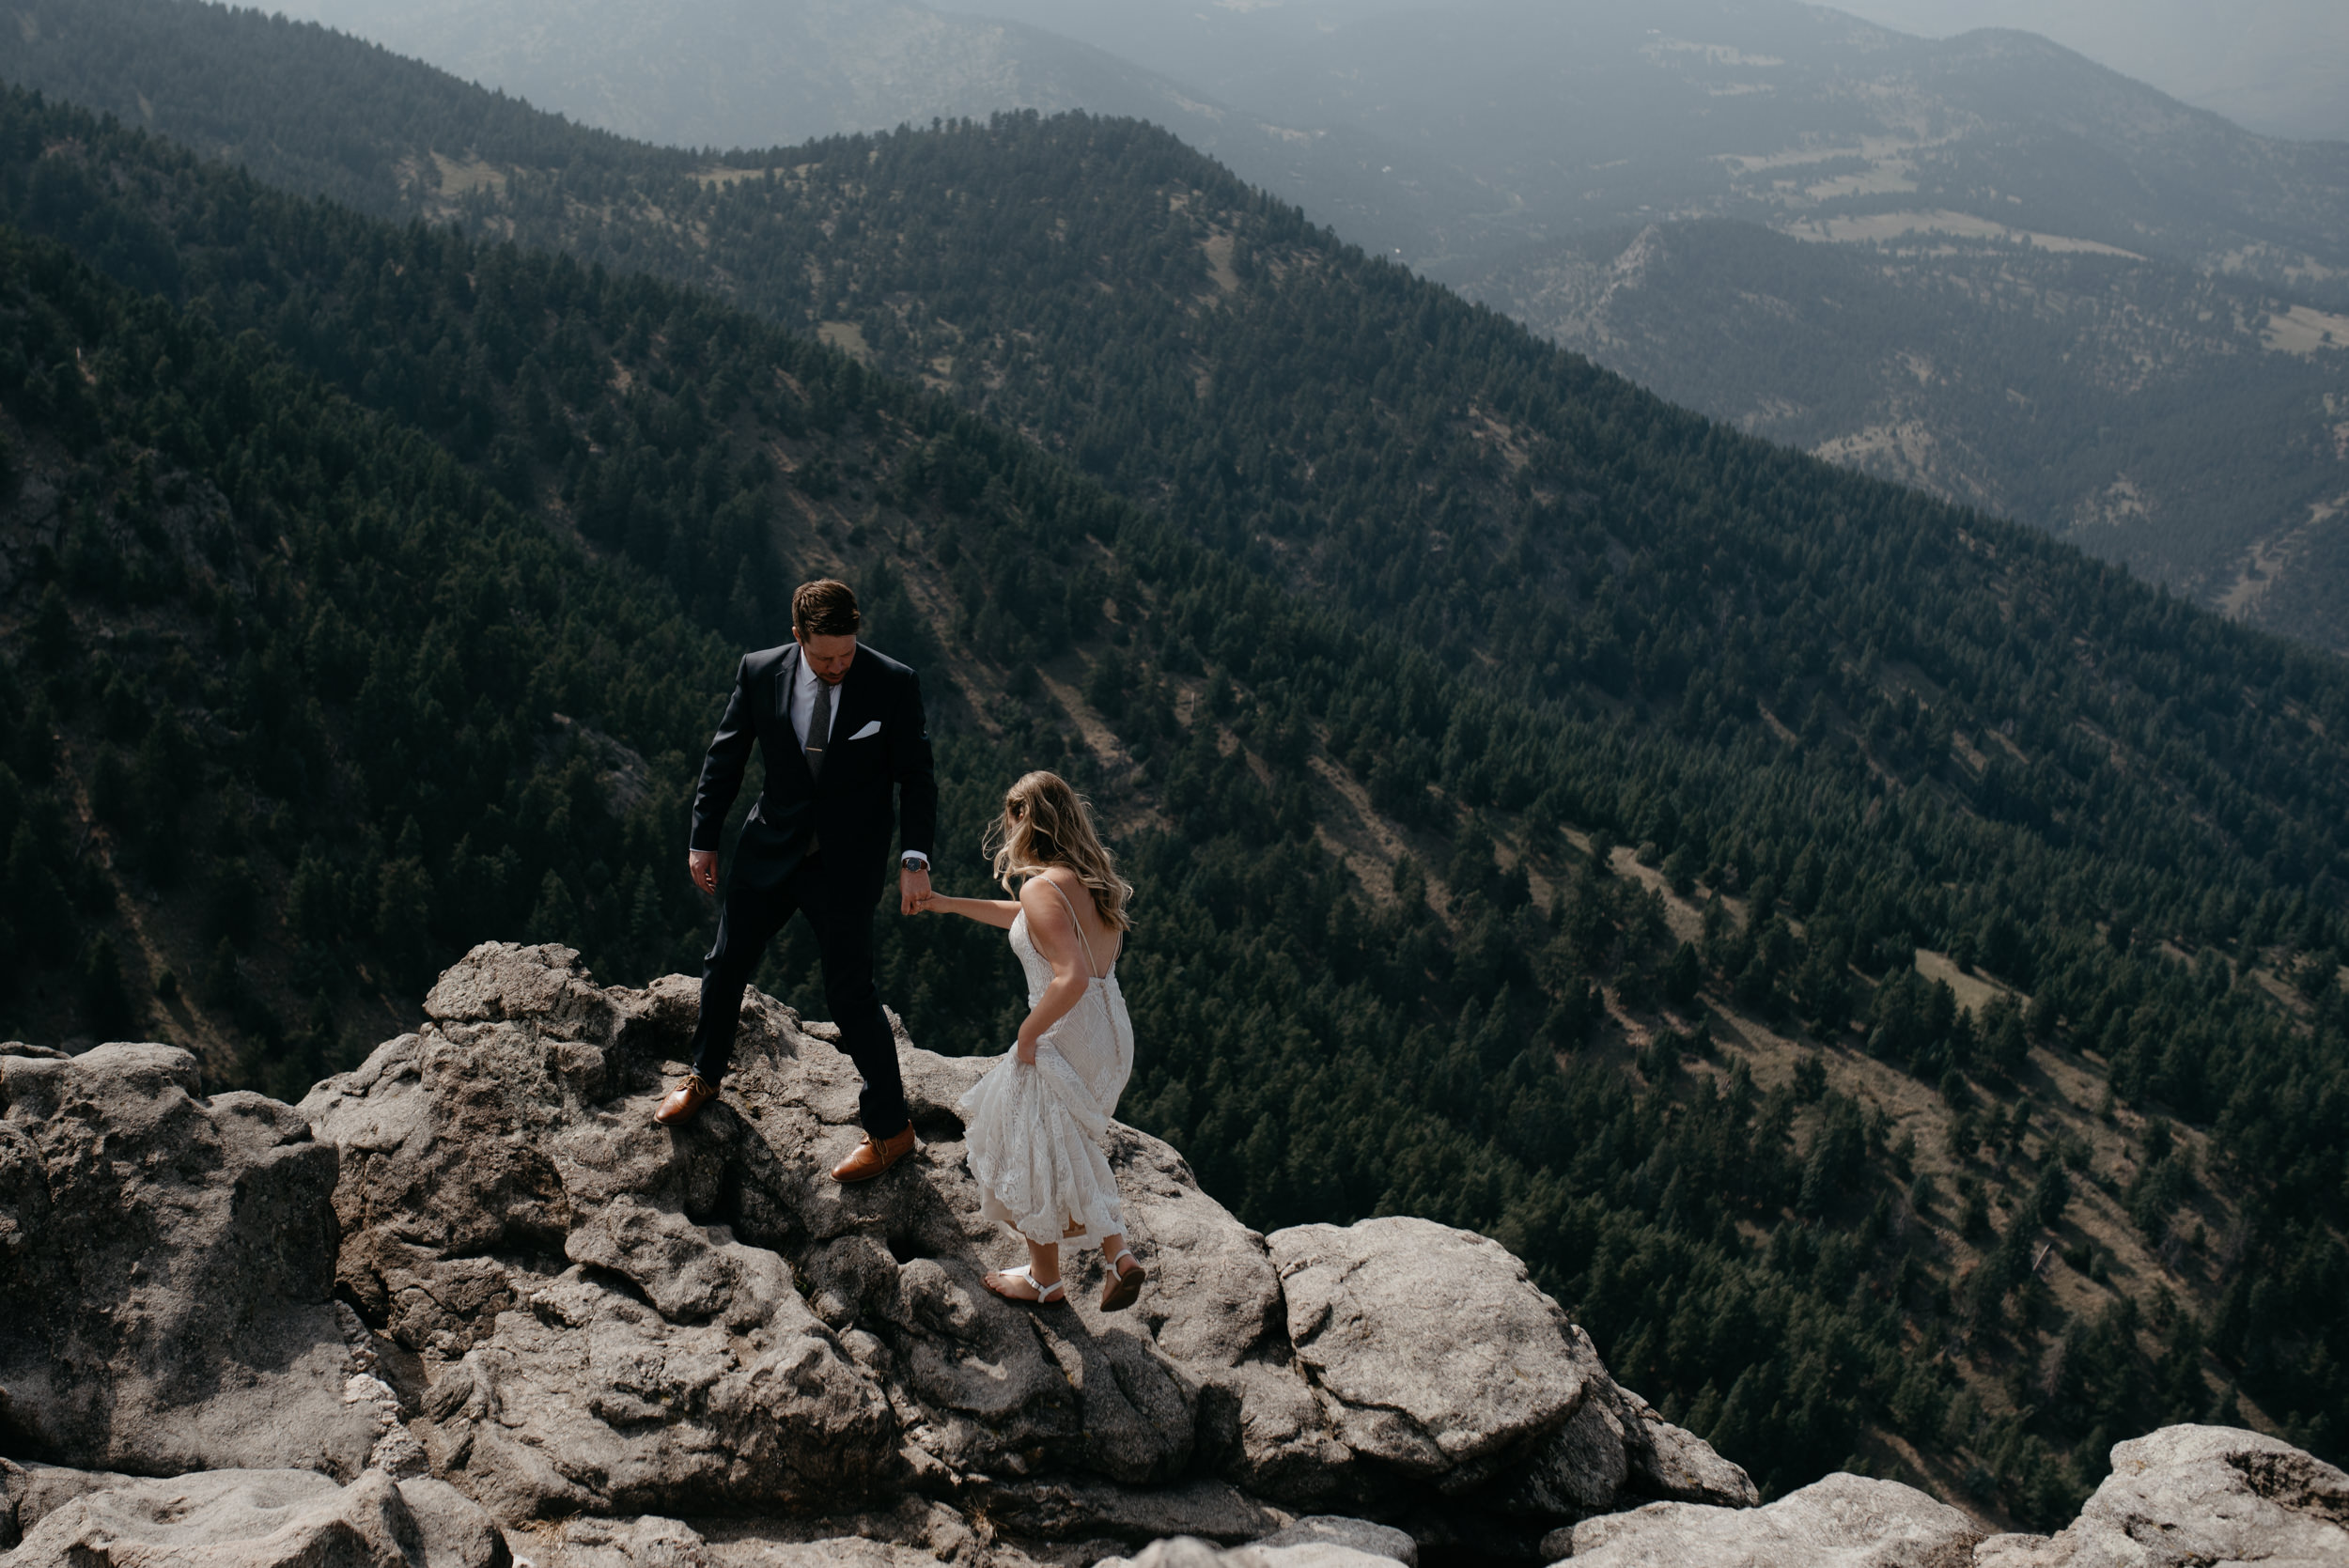 Colorado mountain elopement and wedding photographer. Mountaintop elopement photos in Colorado.